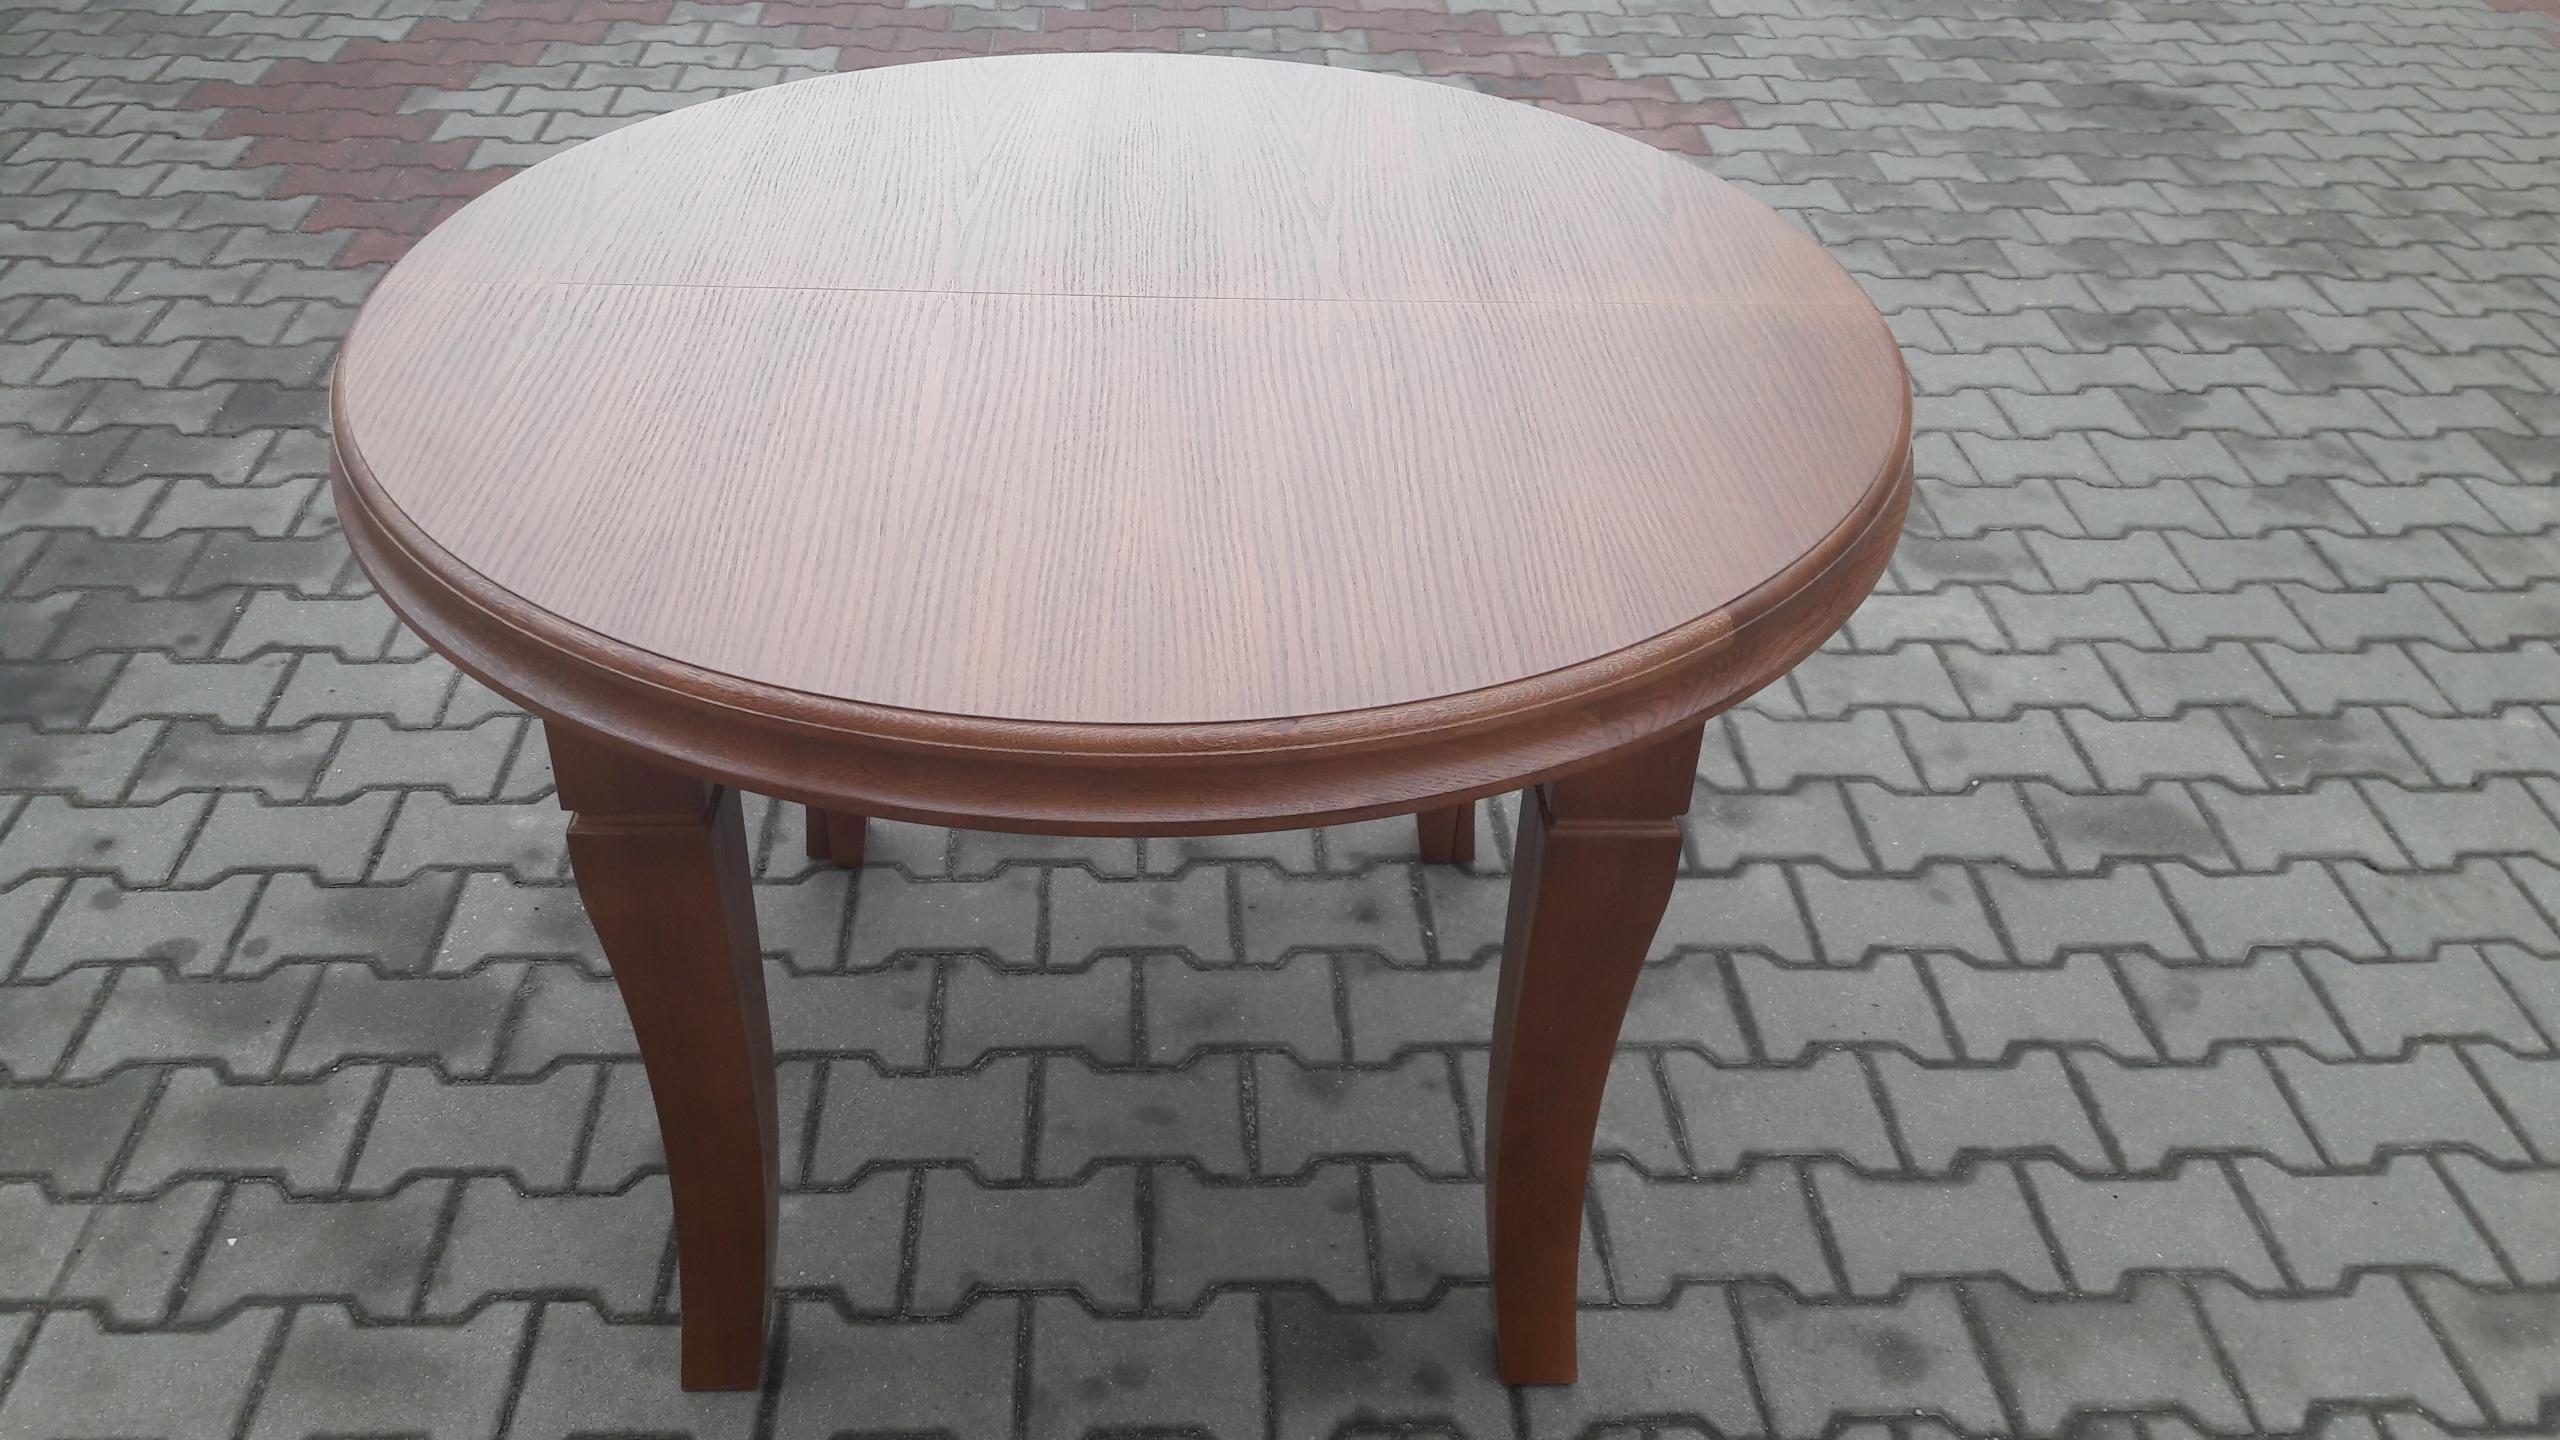 Okrúhly stôl 130 cm x 330 cm Mega skladací 8 nožičiek